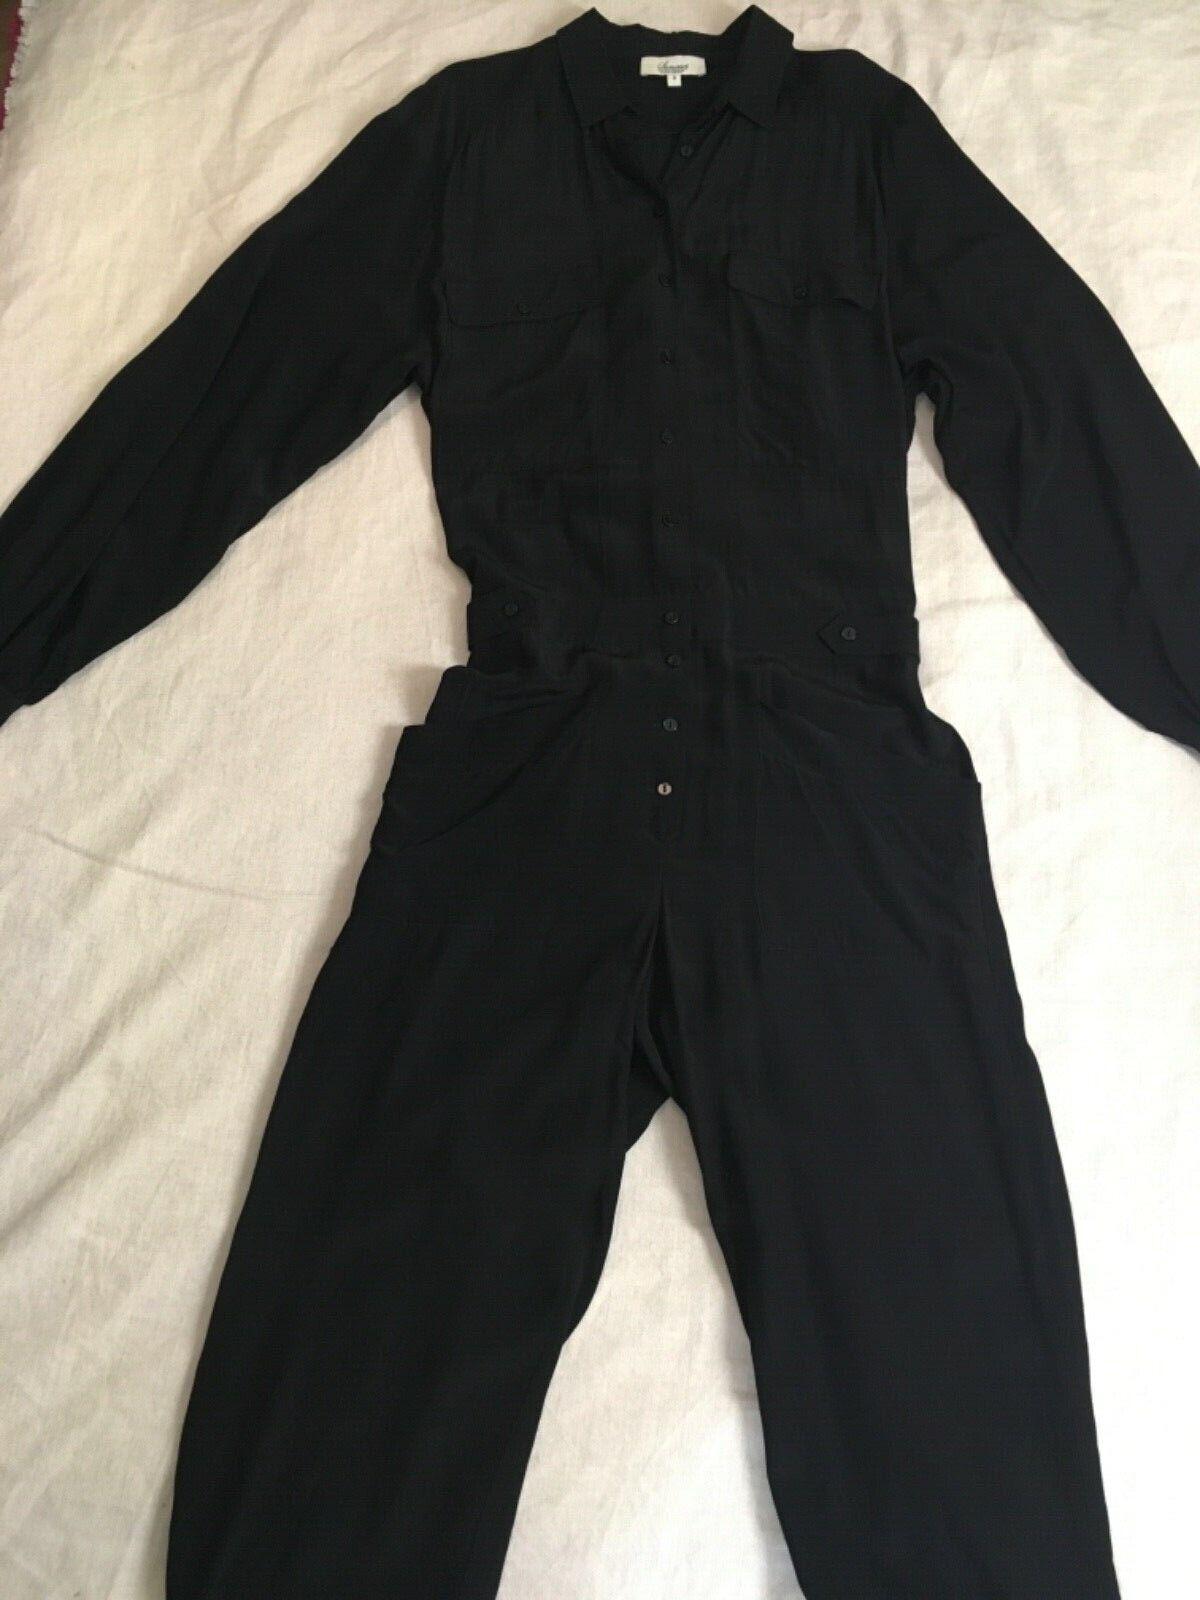 Nouvelle Somerset Alice Temperley schwarz Chemise à manches longues Pantalon Décontracté Combinaison 8